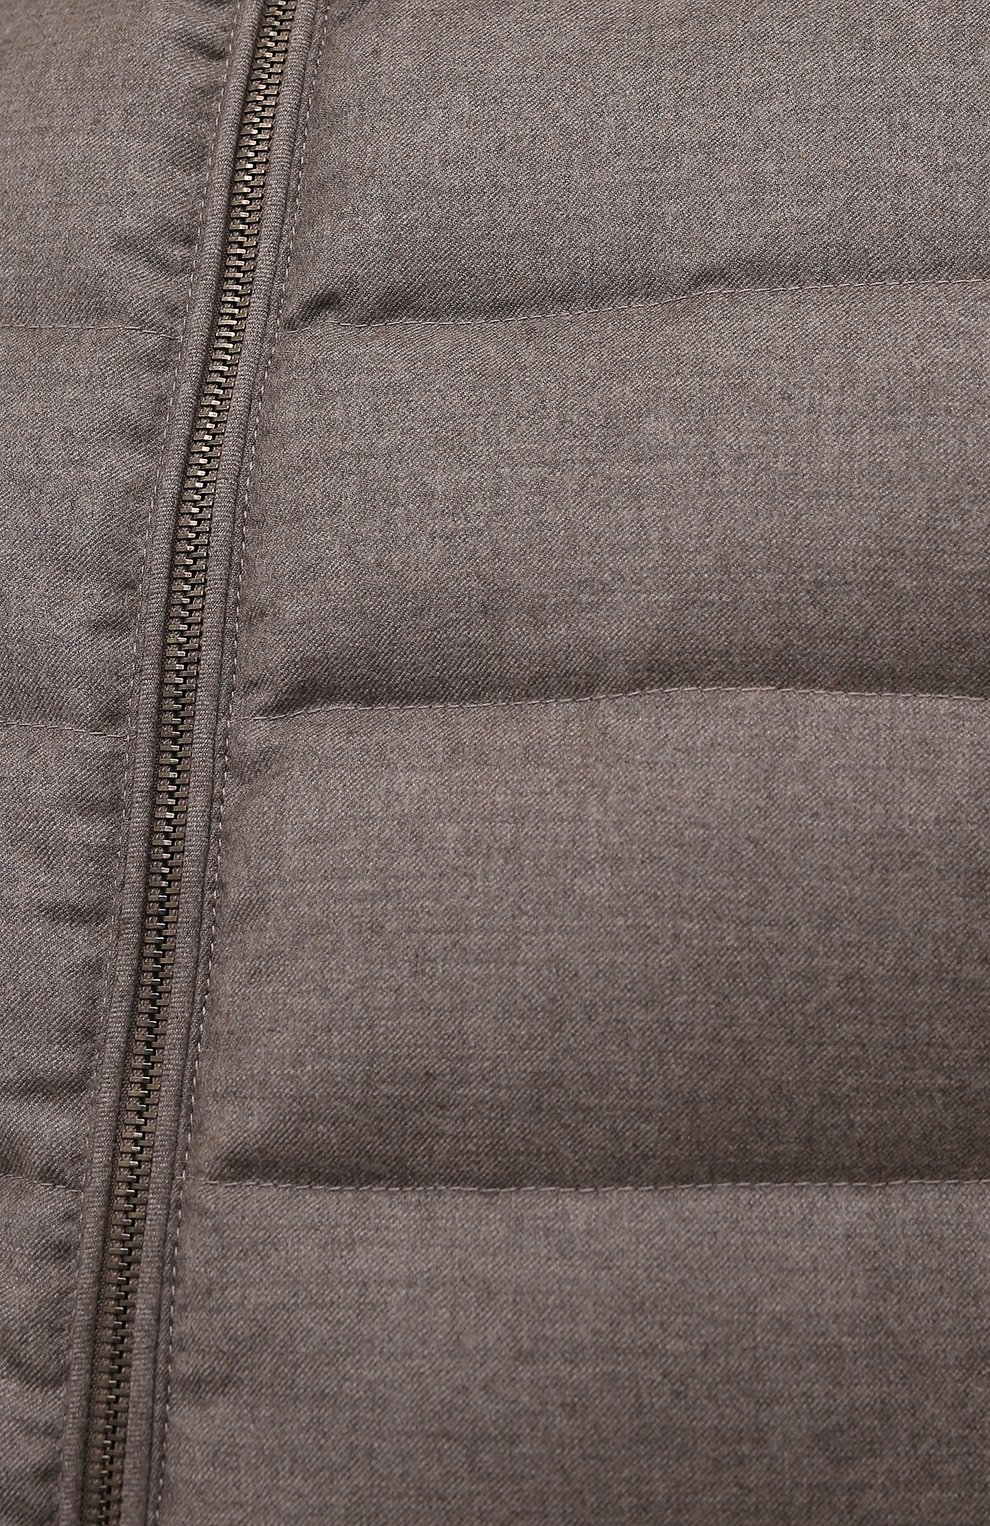 Мужской пуховый жилет oliver-l MOORER бежевого цвета, арт. 0LIVER-L/M0UGL100050-TEPA217   Фото 5 (Кросс-КТ: Куртка, Пуховик; Материал внешний: Шерсть; Материал подклада: Синтетический материал; Длина (верхняя одежда): Короткие; Материал утеплителя: Пух и перо; Стили: Кэжуэл)